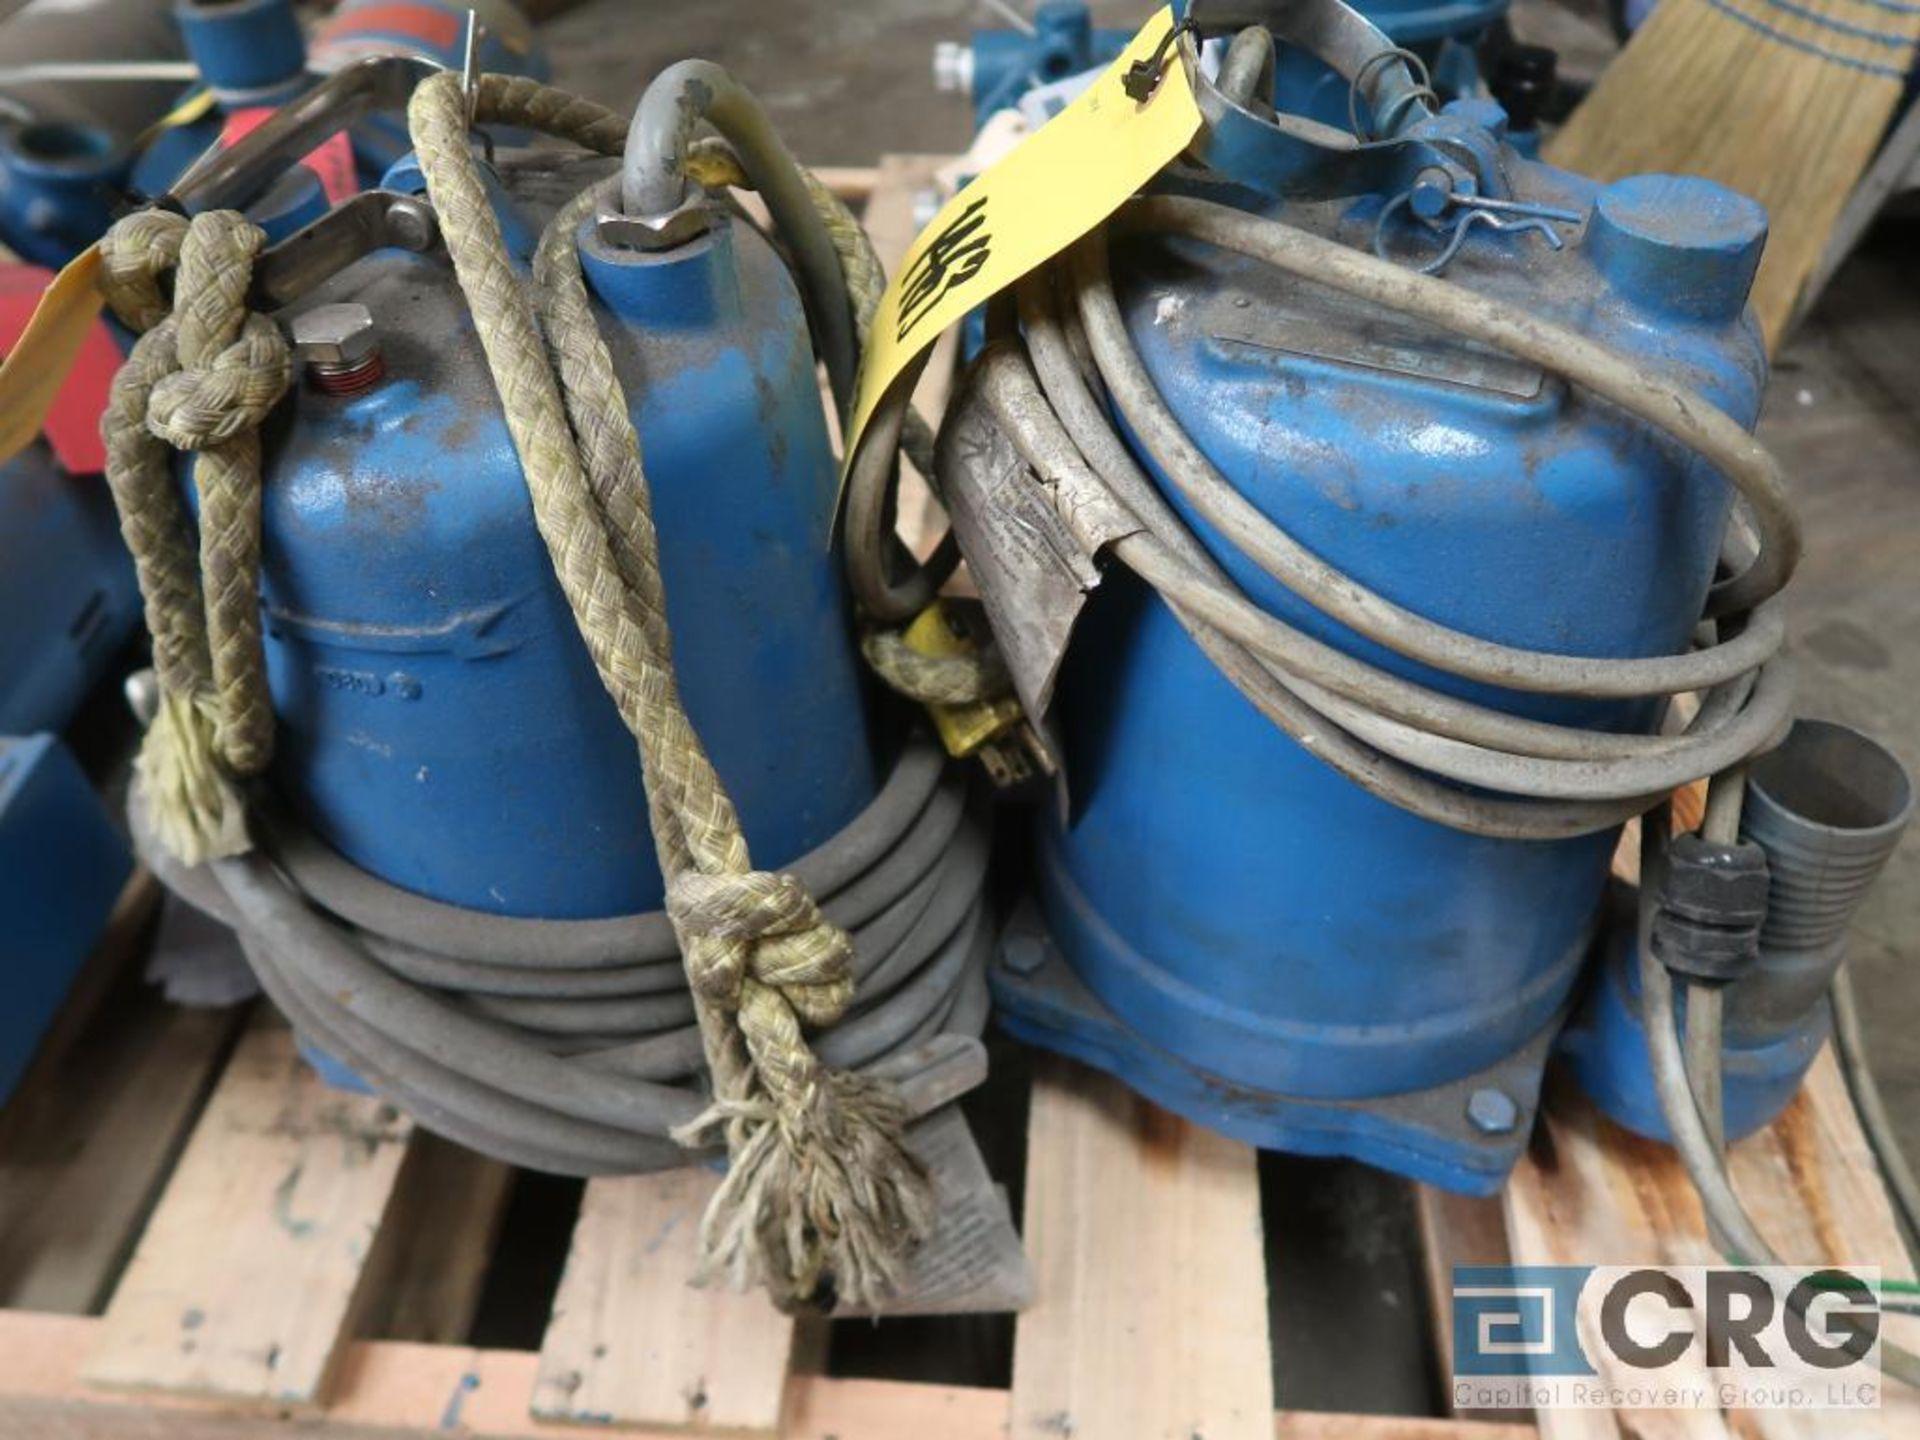 Lot of (2) Goulds submersible pumps, 115 volt (Basement Stores)